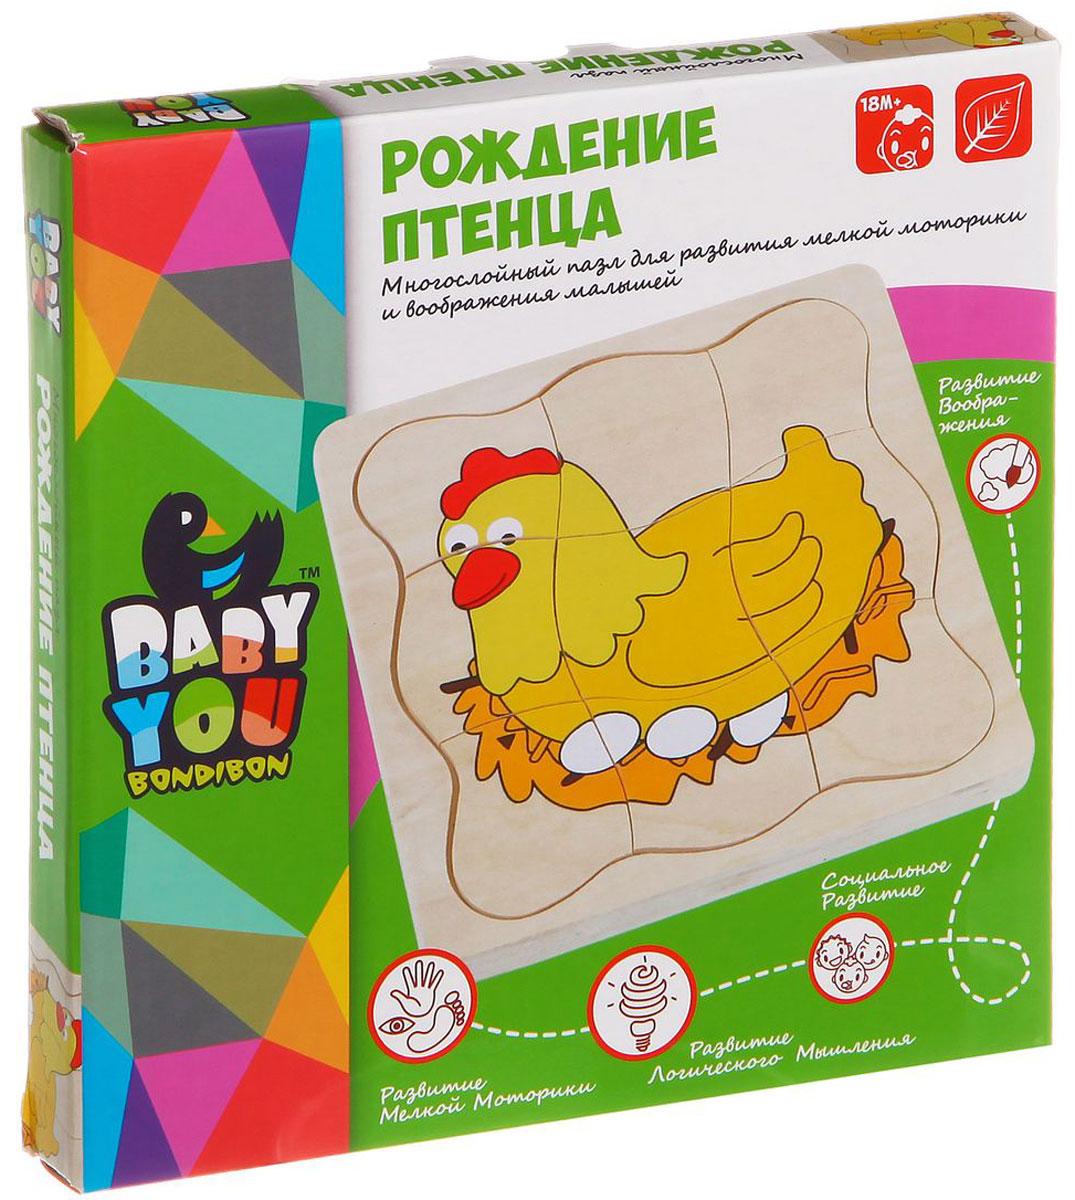 """Мудрые родители выбирают для своих малышей игрушки, которые обучают малыша в процессе увлекательной игры, формируют его внутренний мир и не вредят здоровью. Деревянная развивающая игрушка """"Рождение птенца"""", детали которой сделаны из дерева, – это не просто яркий предмет, способный надолго увлечь ребенка, но и его первый учитель, рассказывающий о мире на интуитивно понятном крохе языке. Рамка с вкладышами совершенствует способность фиксировать взгляд на мелких предметах, знакомит с геометрическими фигурами и помогает на интуитивном уровне овладевать умением обобщать и сортировать предметы на основе их сходства или различия по форме."""